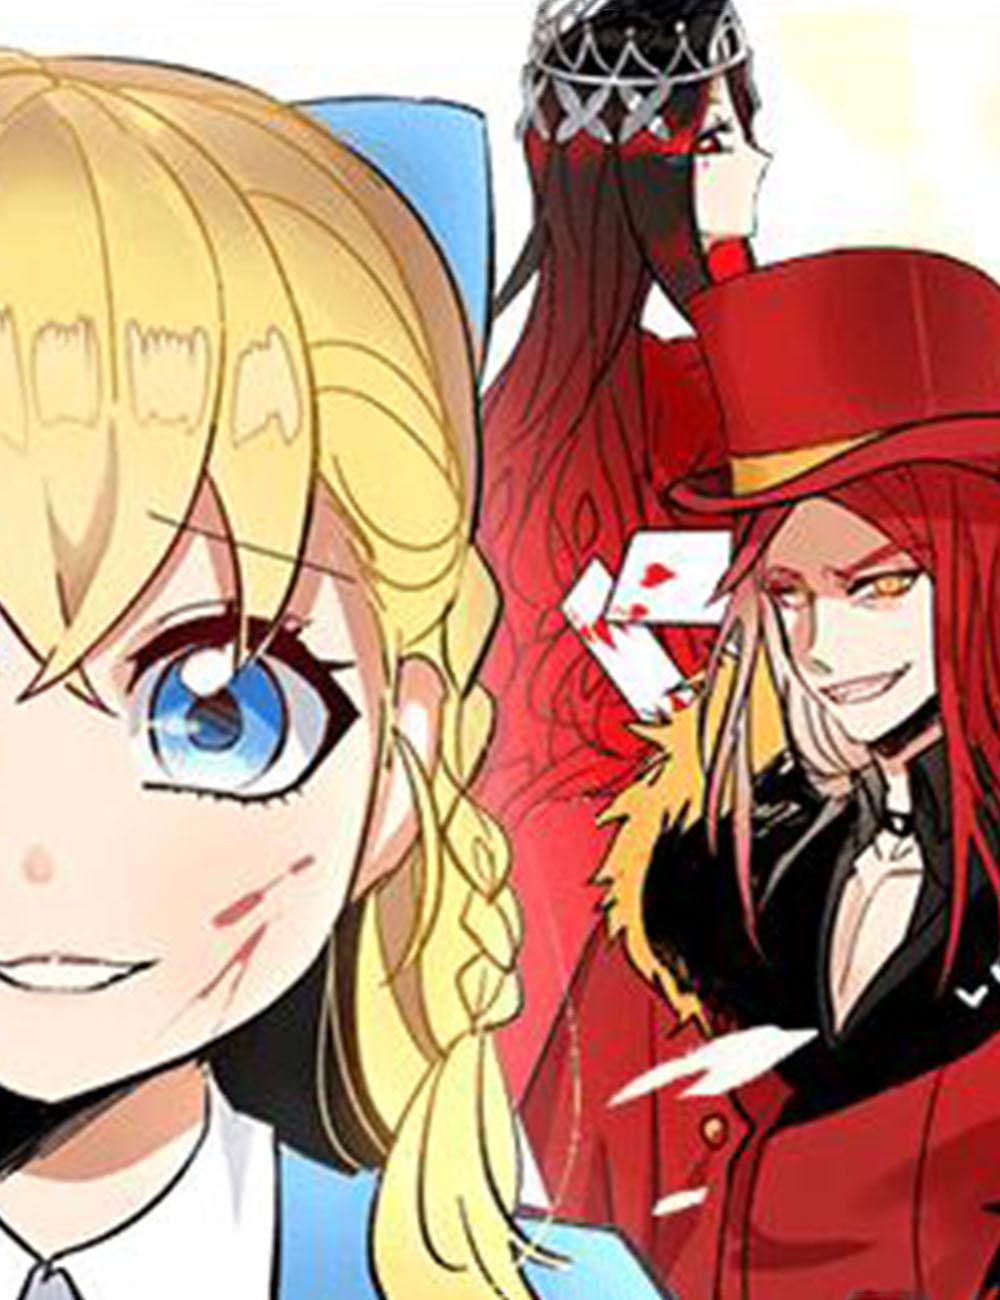 爱丽丝不再梦游仙境